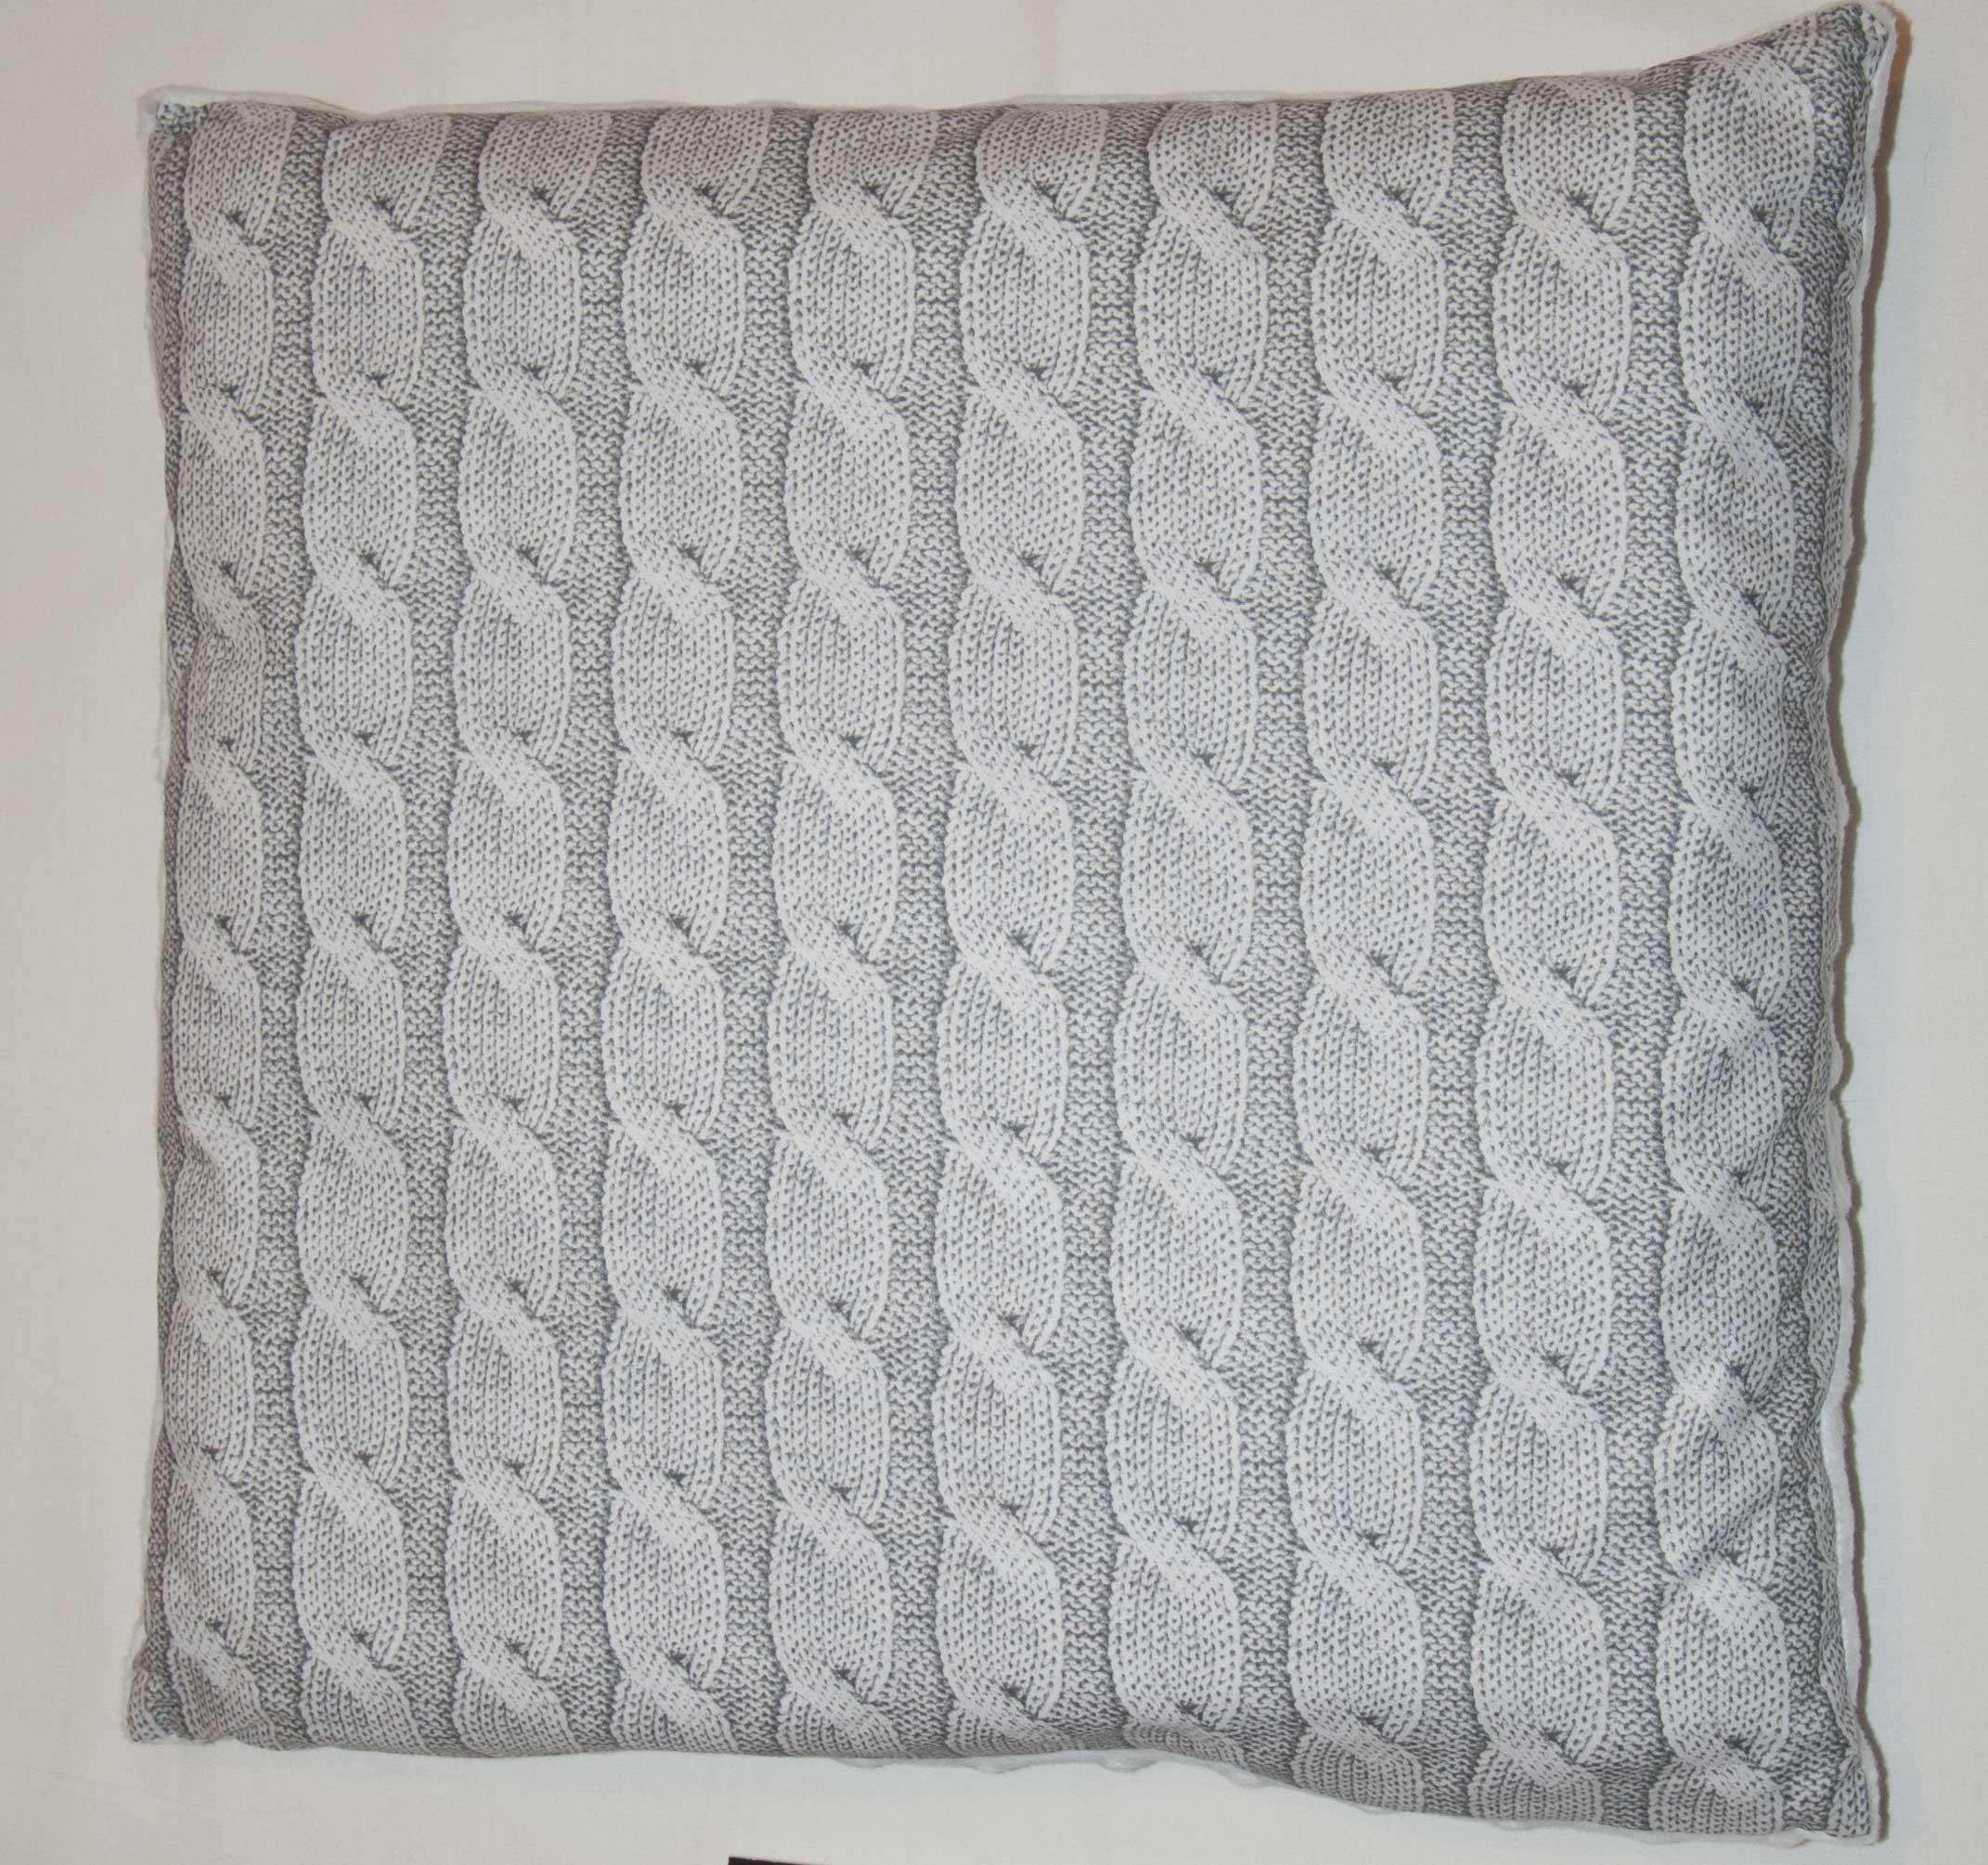 Dìtský polštáø bavlna + minky 40x40 cm jeans šedá